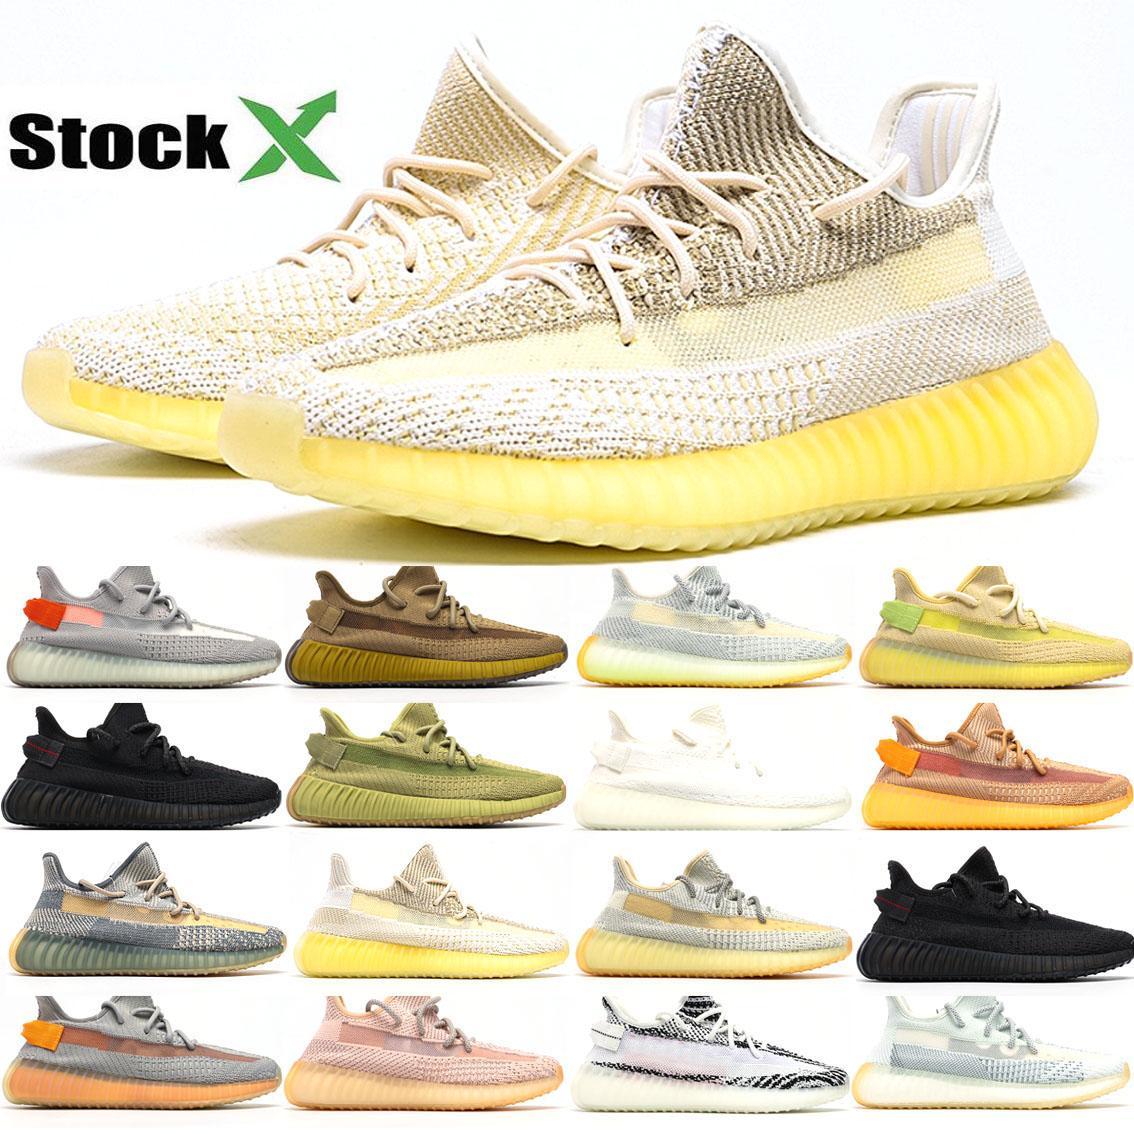 Confort para hombre de los zapatos corrientes de las zapatillas de deporte Deportes mujeres mejor Kanye West Desert Sage estático Tierra Zyon cola Tamaño de la escoria V2 luz con el balón de 36-46